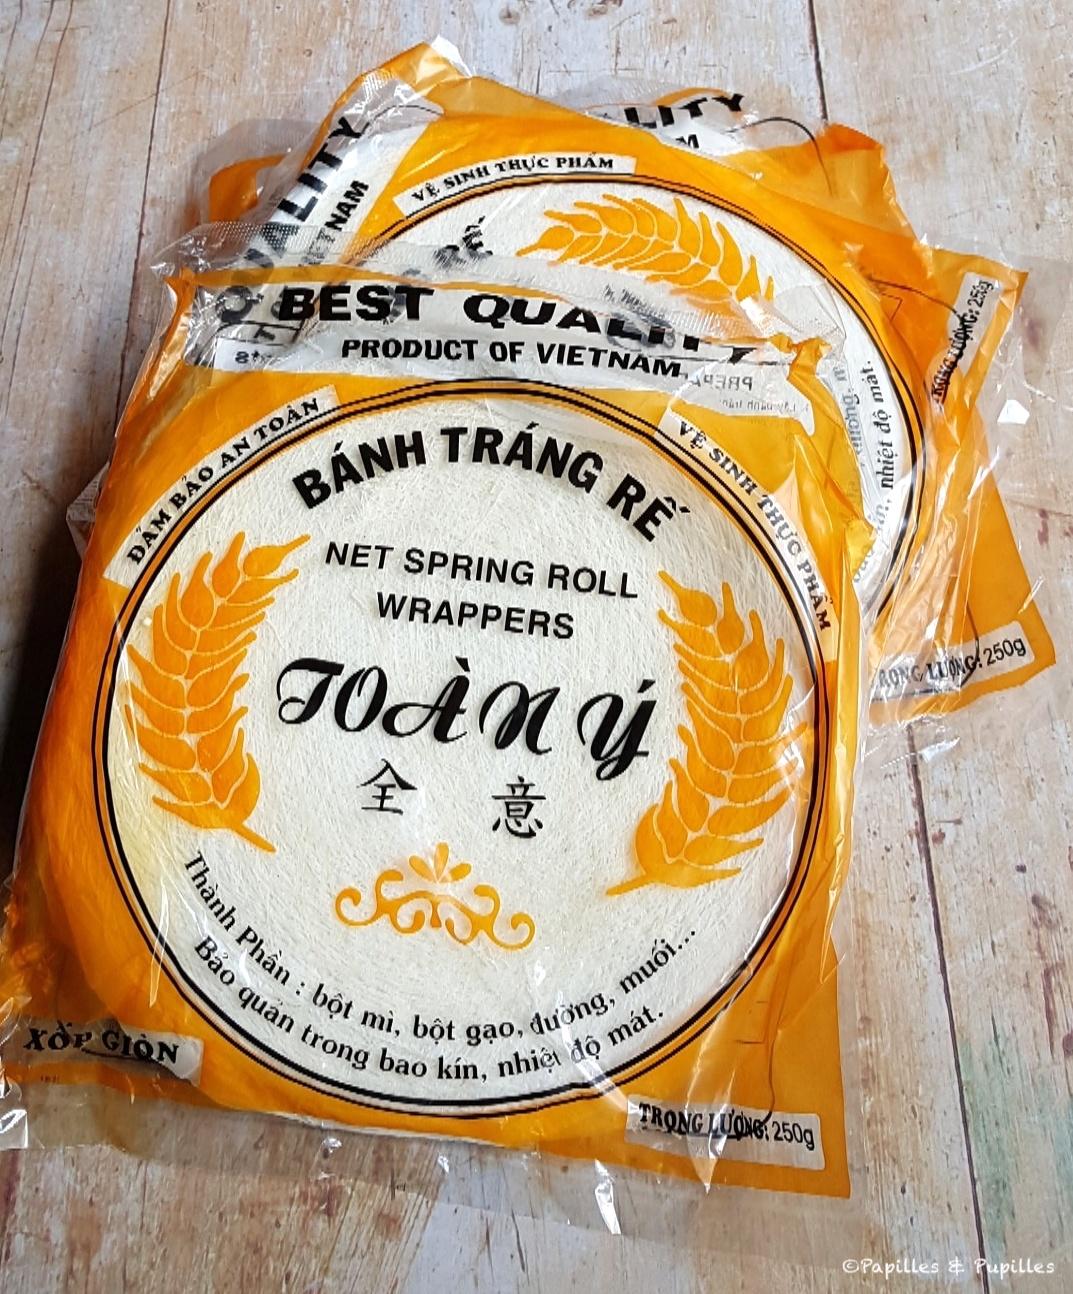 Galettes de riz - Banh Trang Re